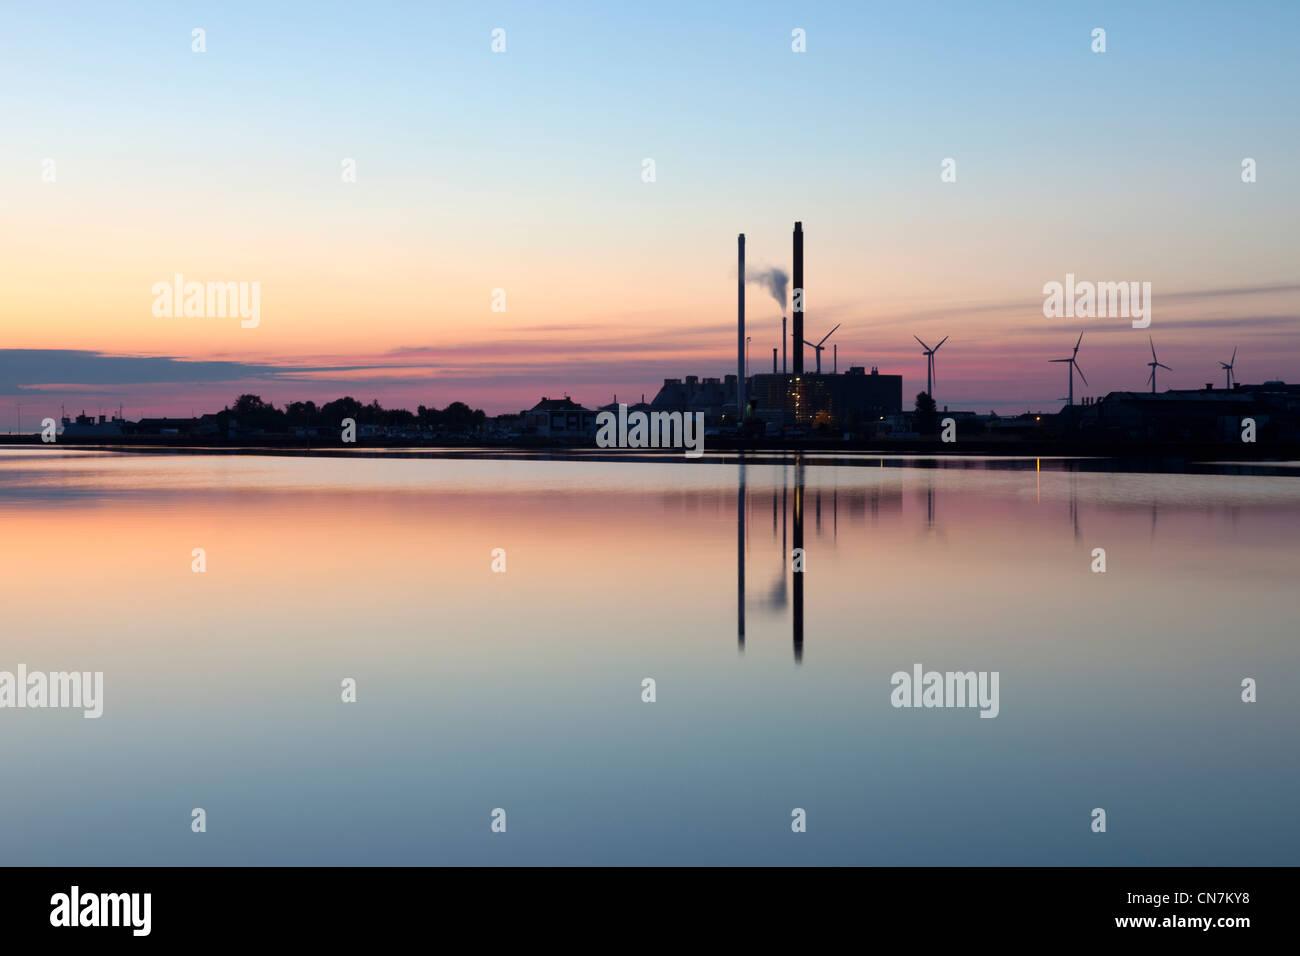 Cheminées reflète dans l'eau Photo Stock